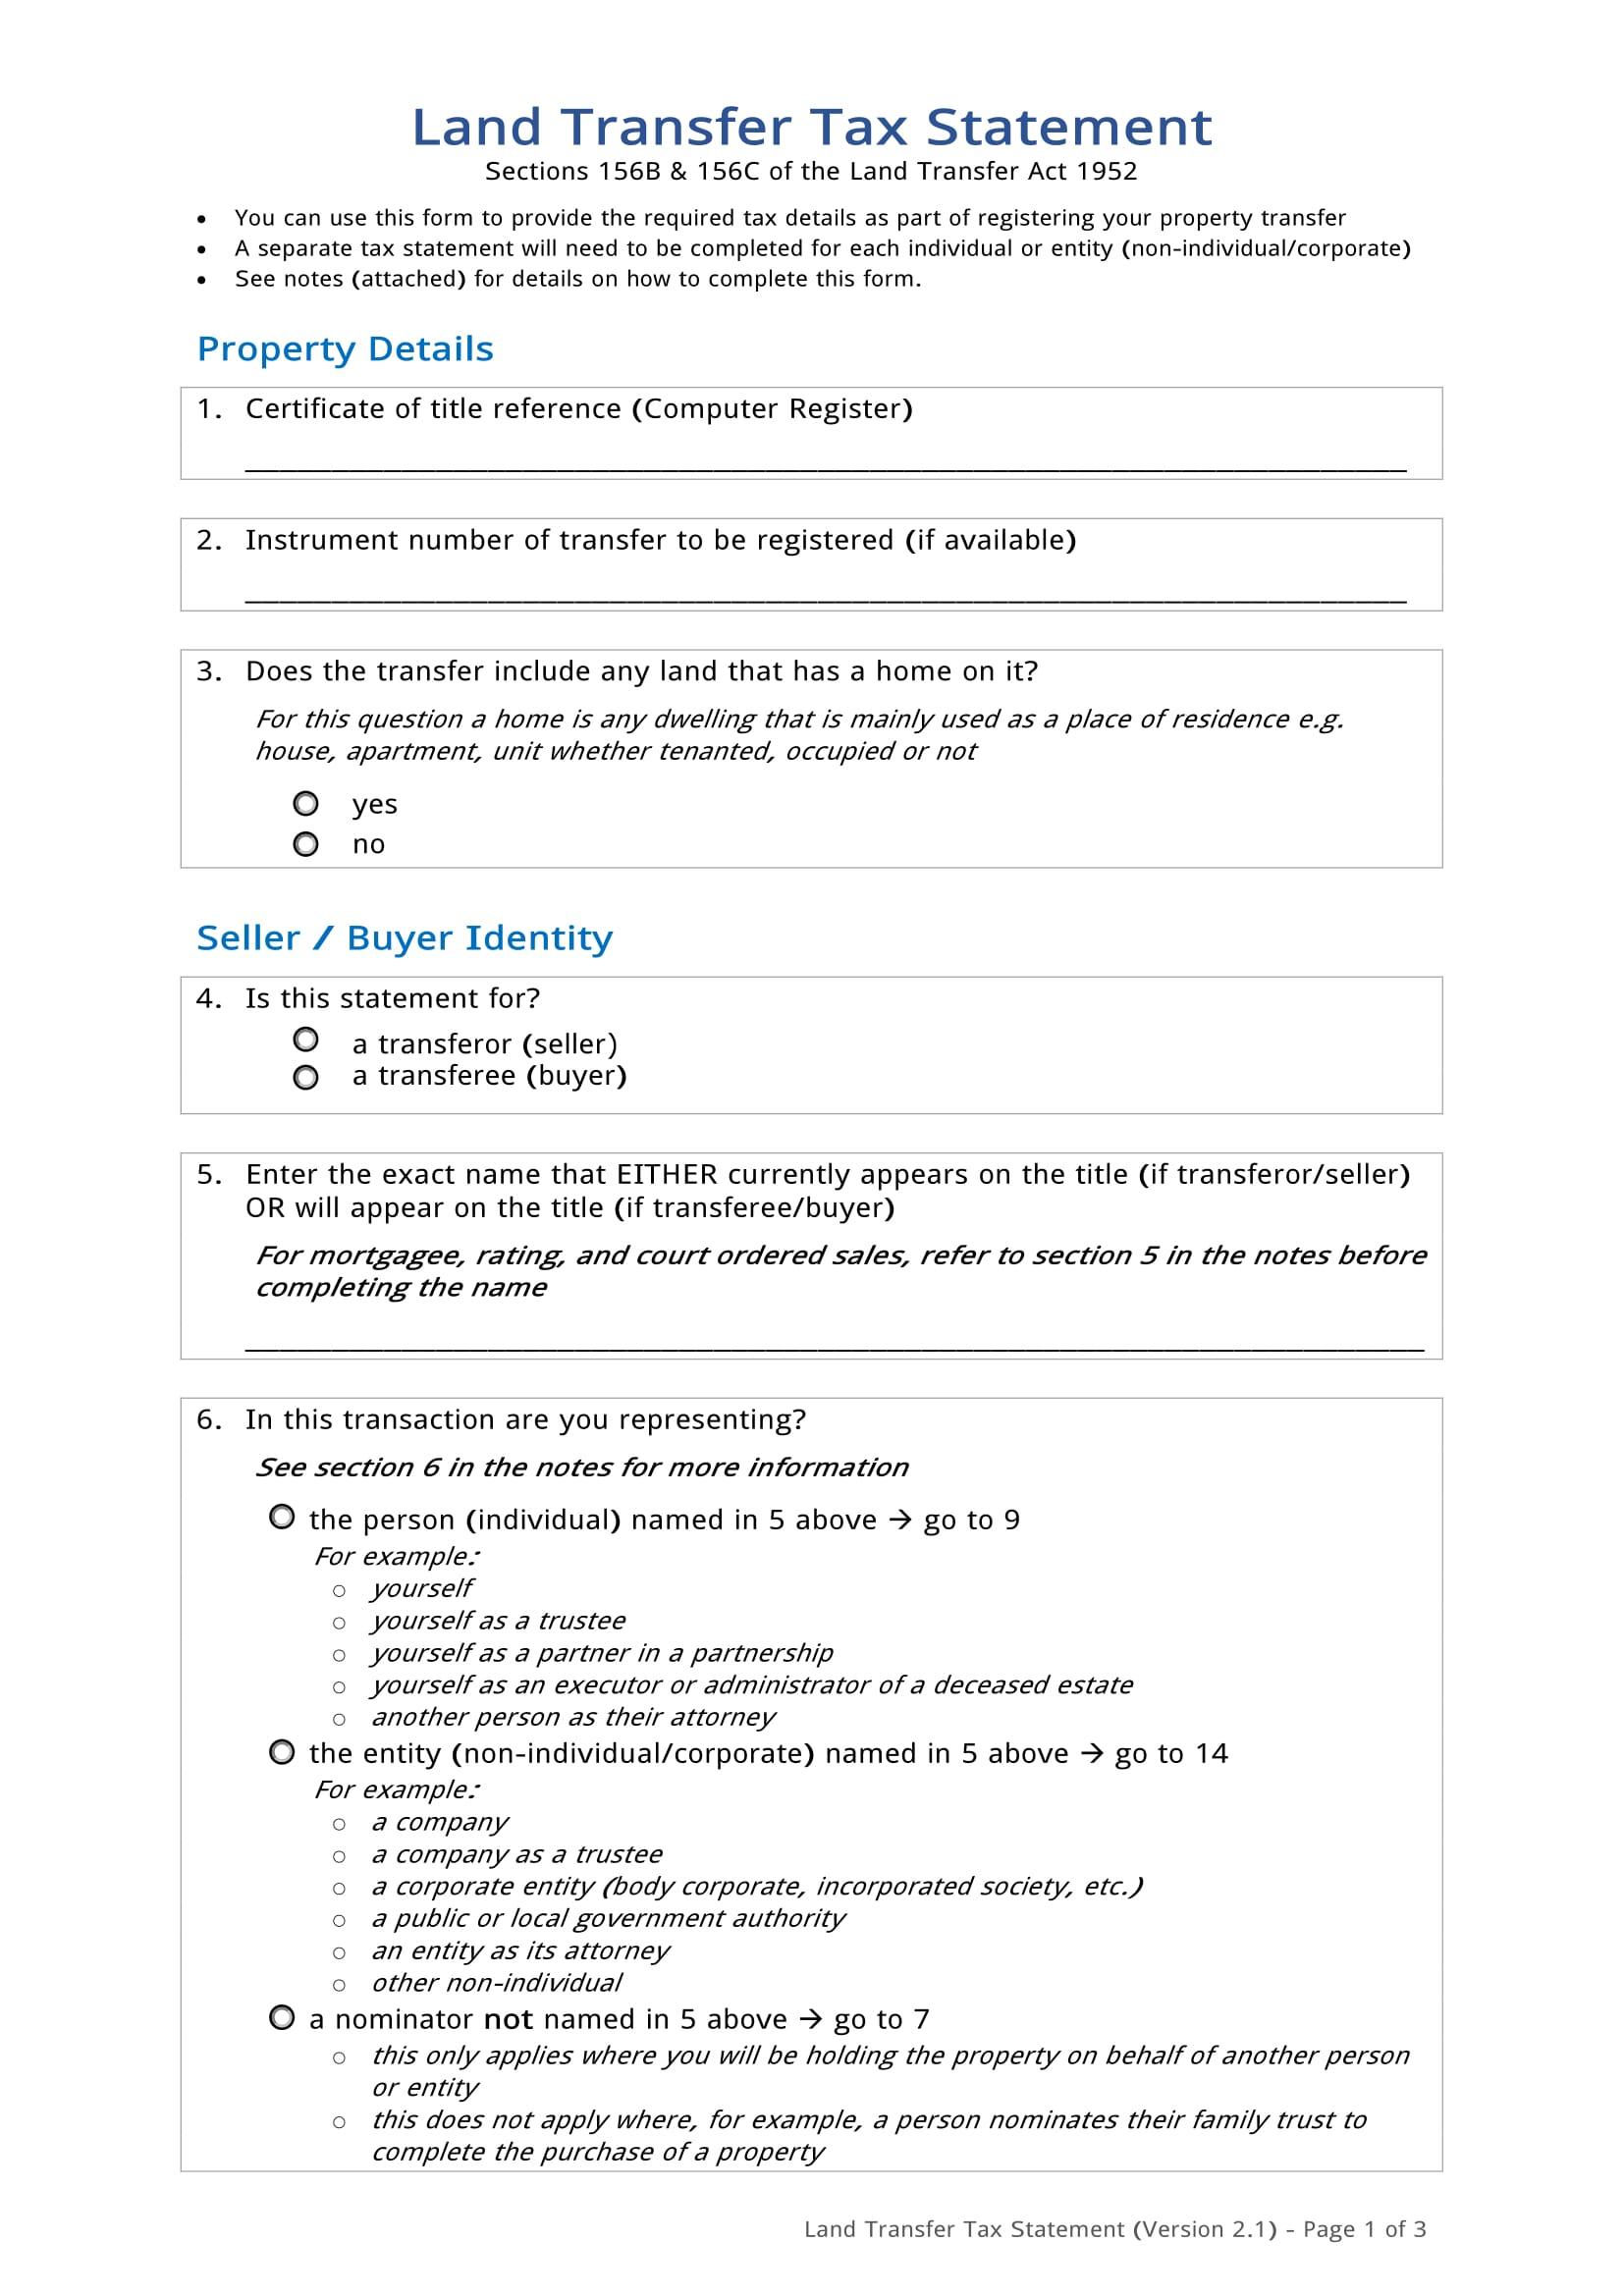 land transfer tax statement form 01